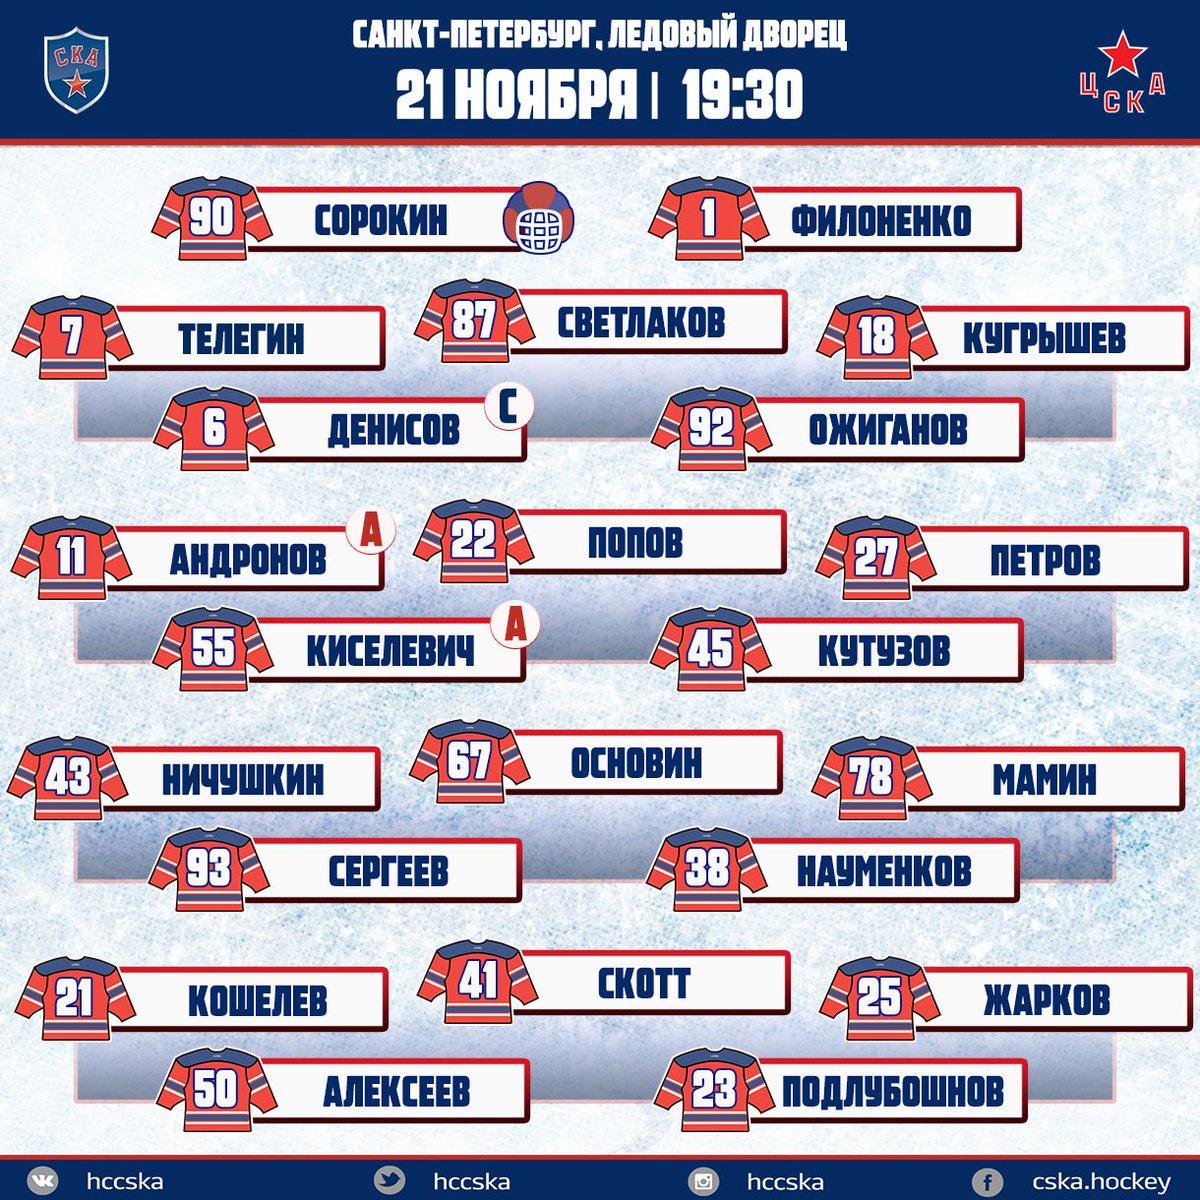 Цска хоккейный клуб москва состав 2016 работа ночных клубов в брянске